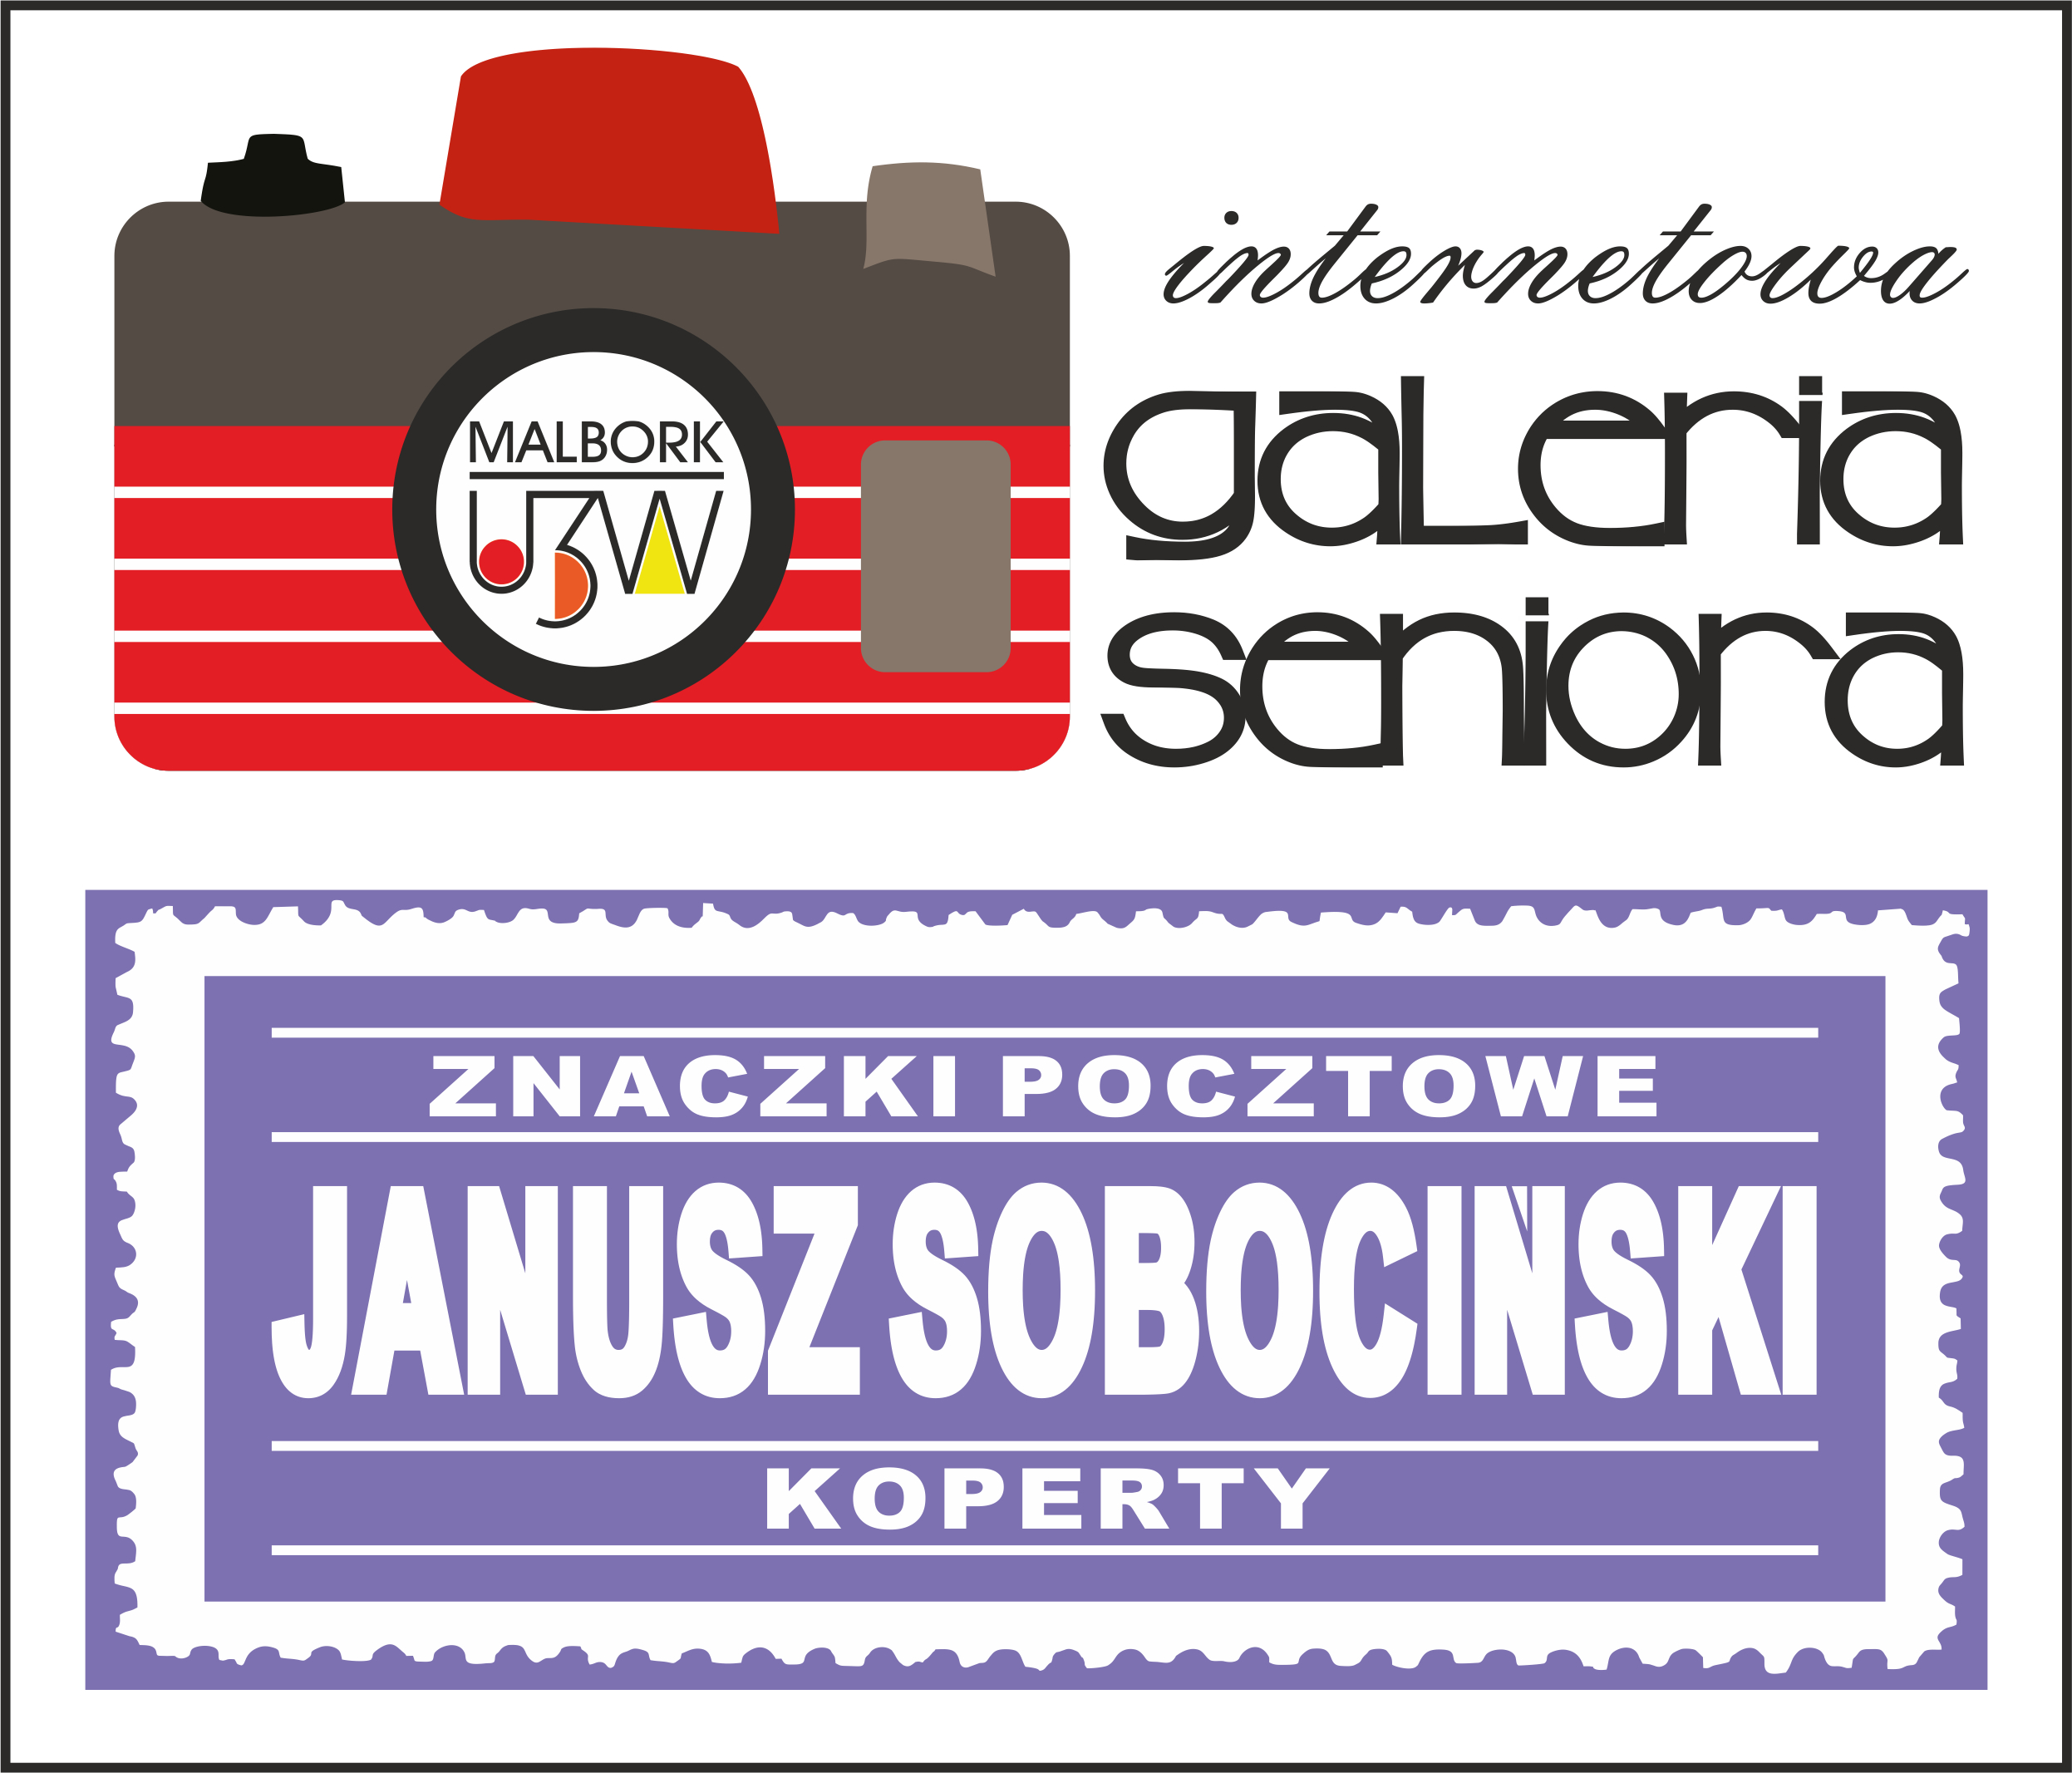 GaleriaZnaczki